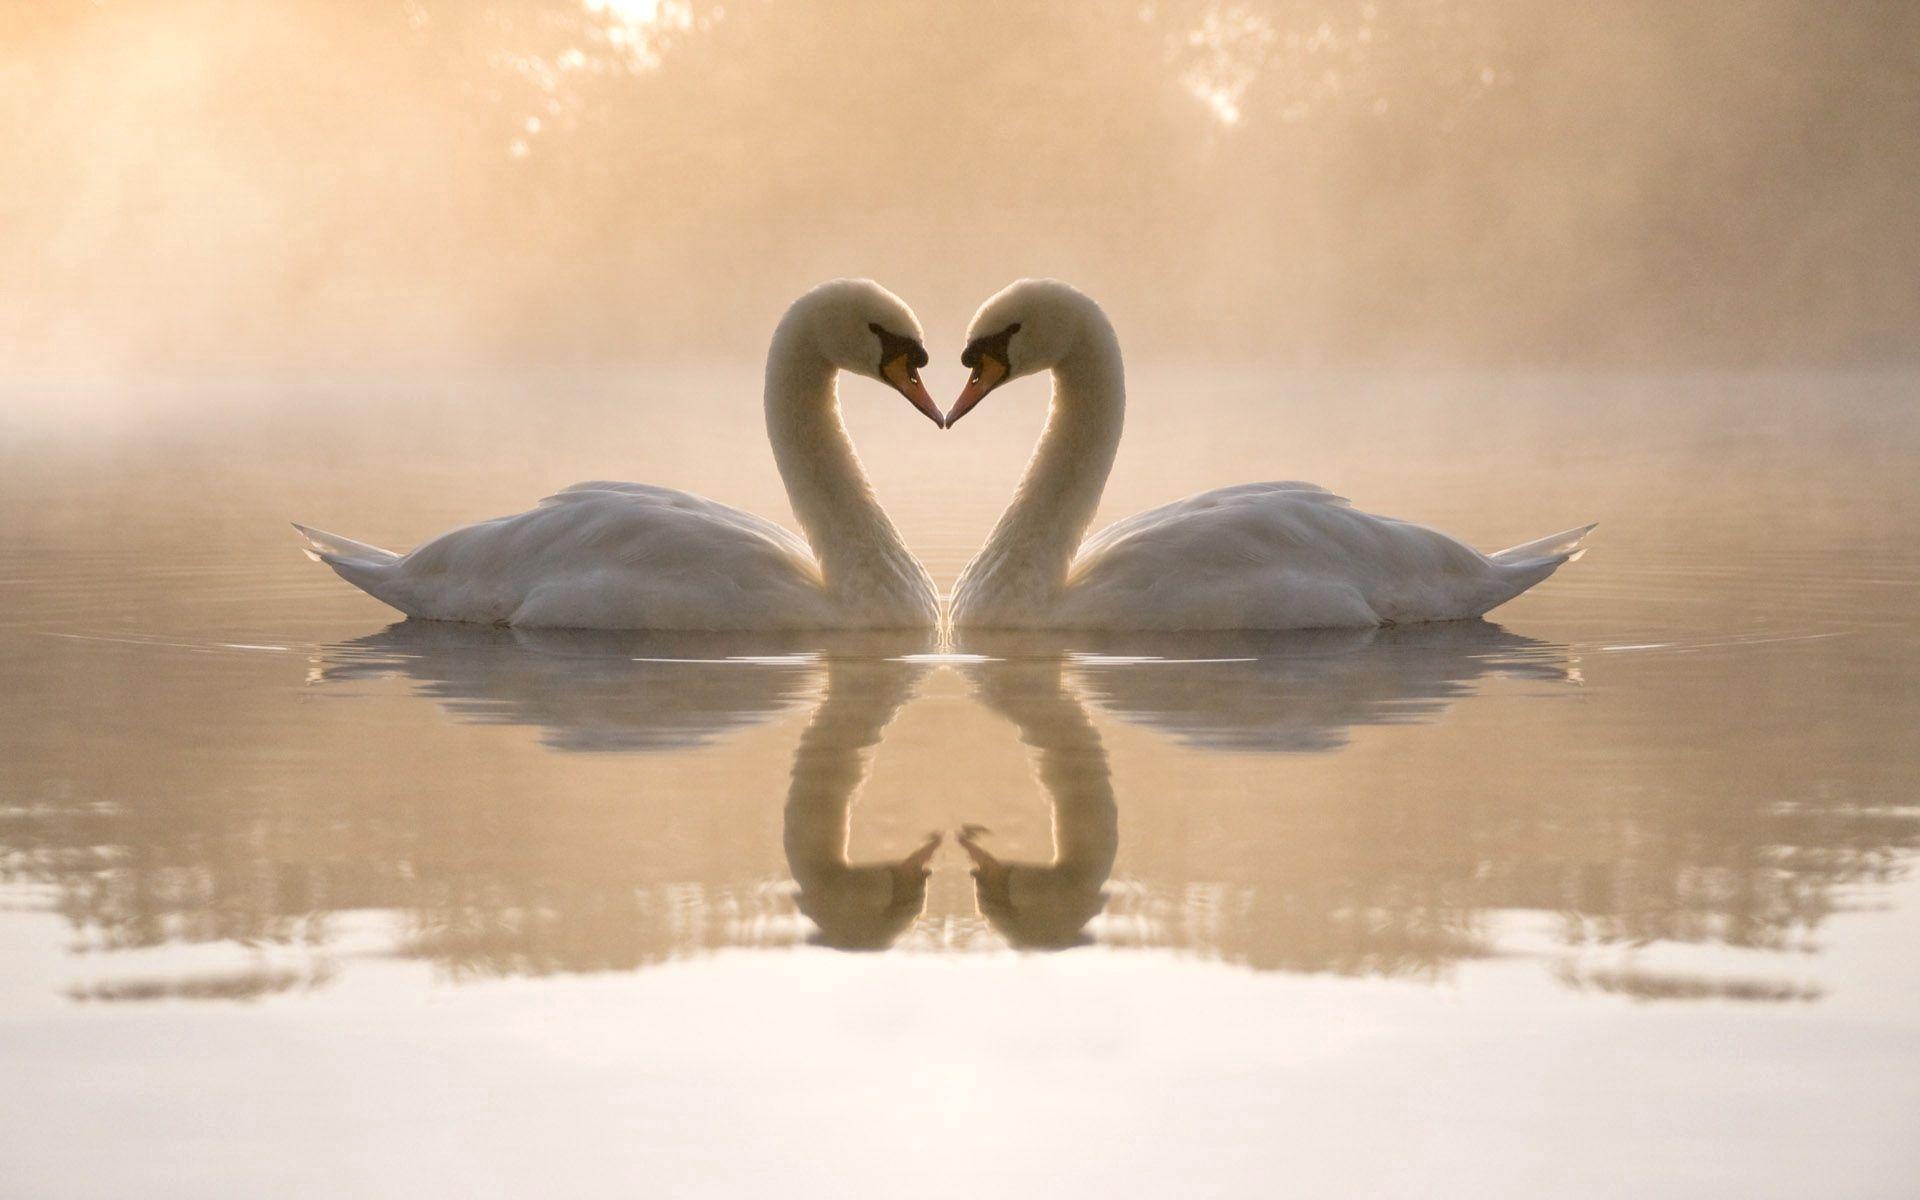 136200 Hintergrundbild herunterladen Herzen, Swans, Liebe, See, Ein Herz - Bildschirmschoner und Bilder kostenlos